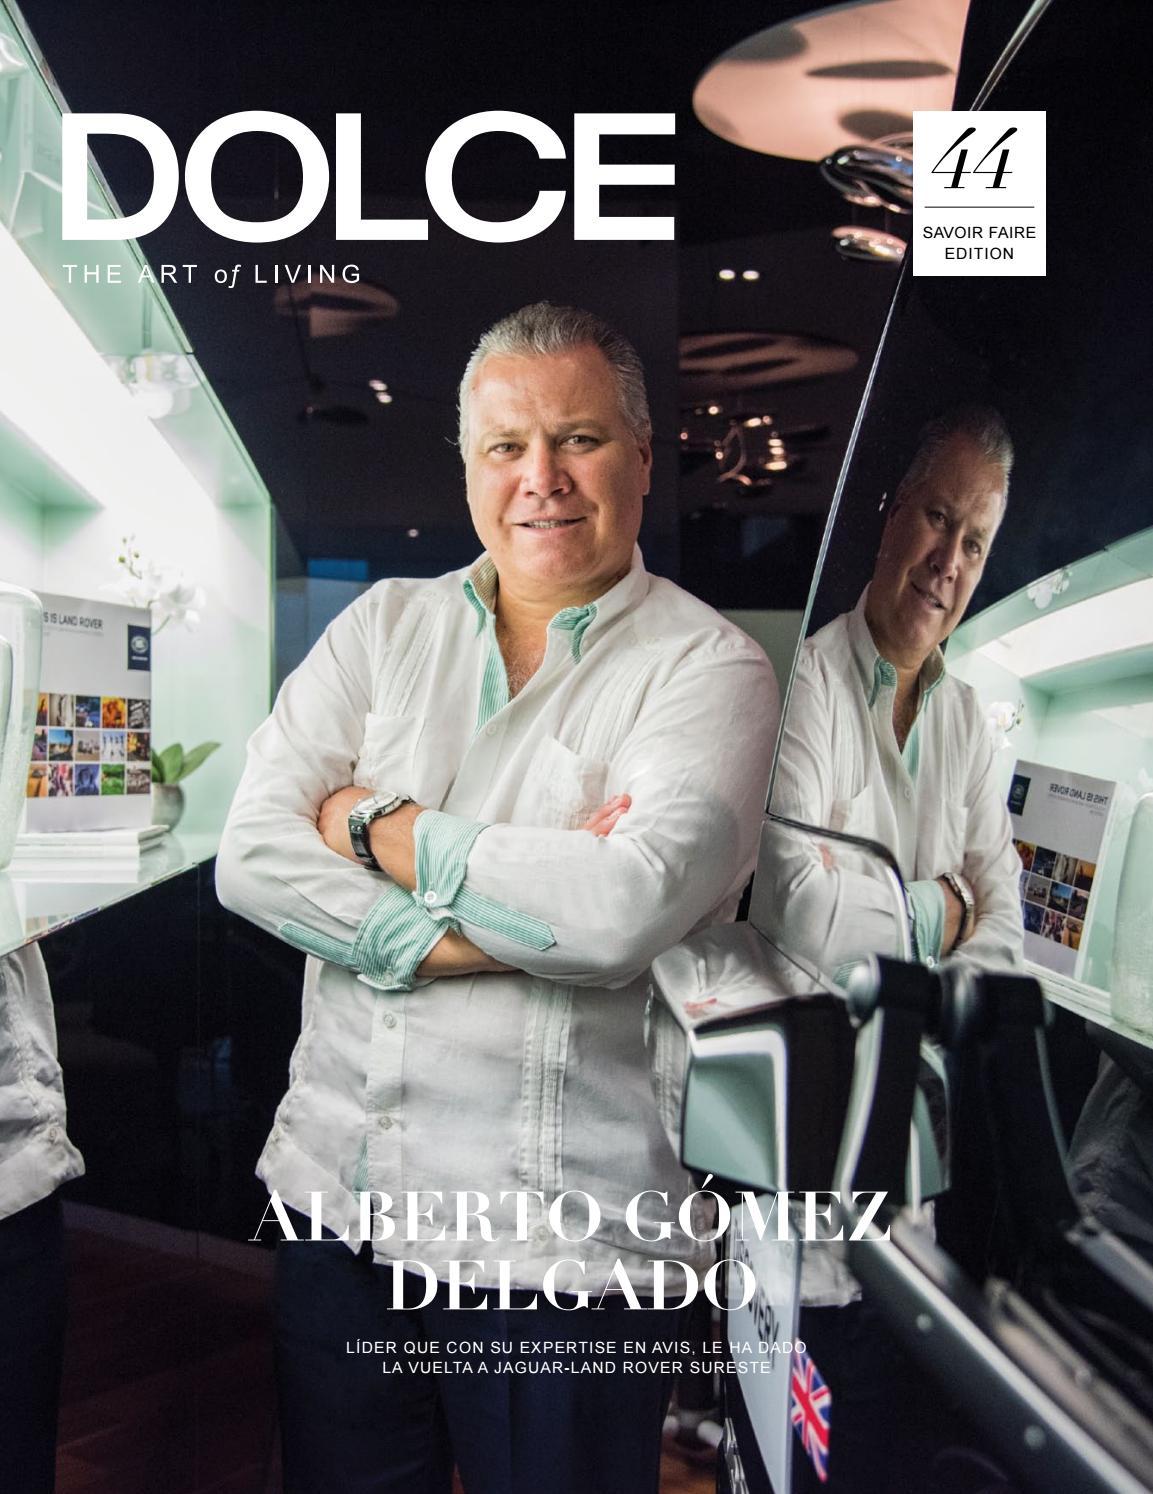 DOLCE Magazine No.44 / 2016 Savoir Faire Edition - Personnalité ...